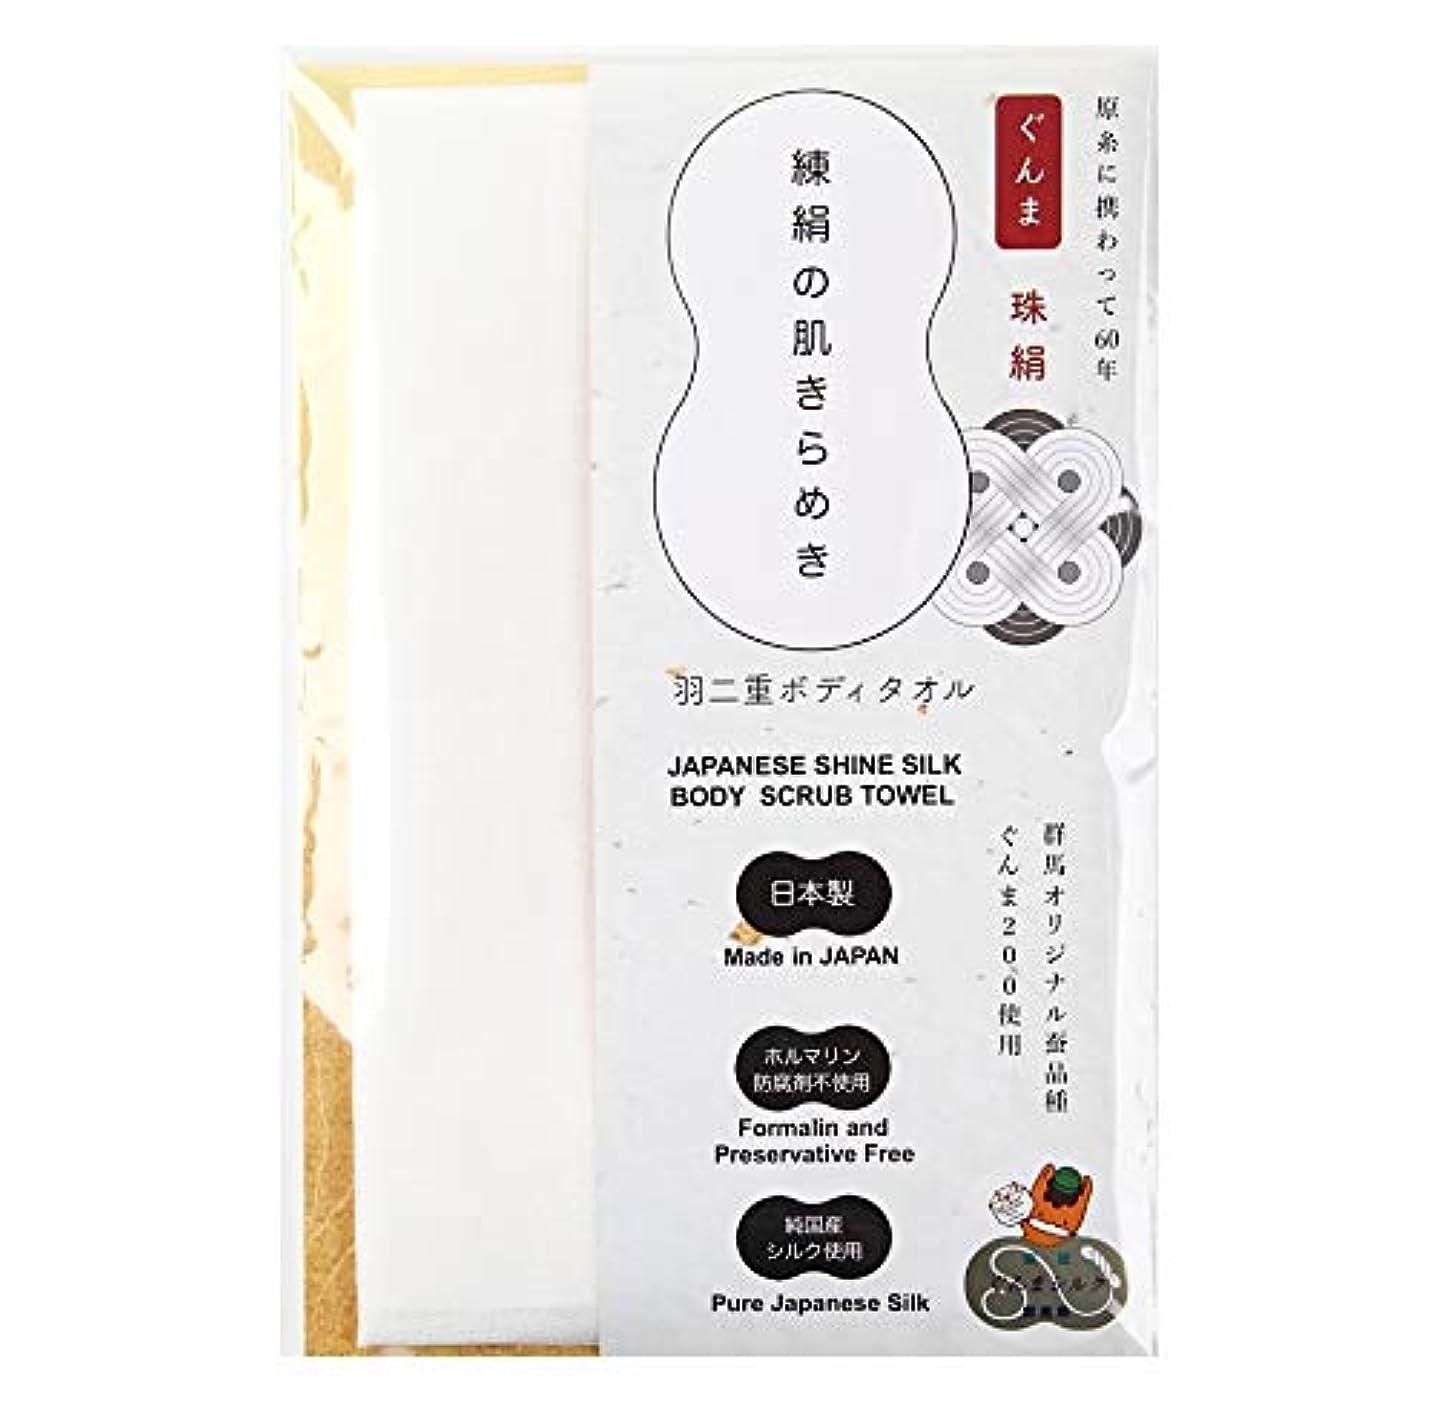 先住民接尾辞訴えるくーる&ほっと シルクあかすり 純国産絹100%「珠絹(たまぎぬ) 練絹の肌きらめき」 ぐんまシルク (群馬県内で一貫製造) 日本製 シルクプロテイン?フィブロインの力で角質ケアボディタオル 羽二重あかすりタオル